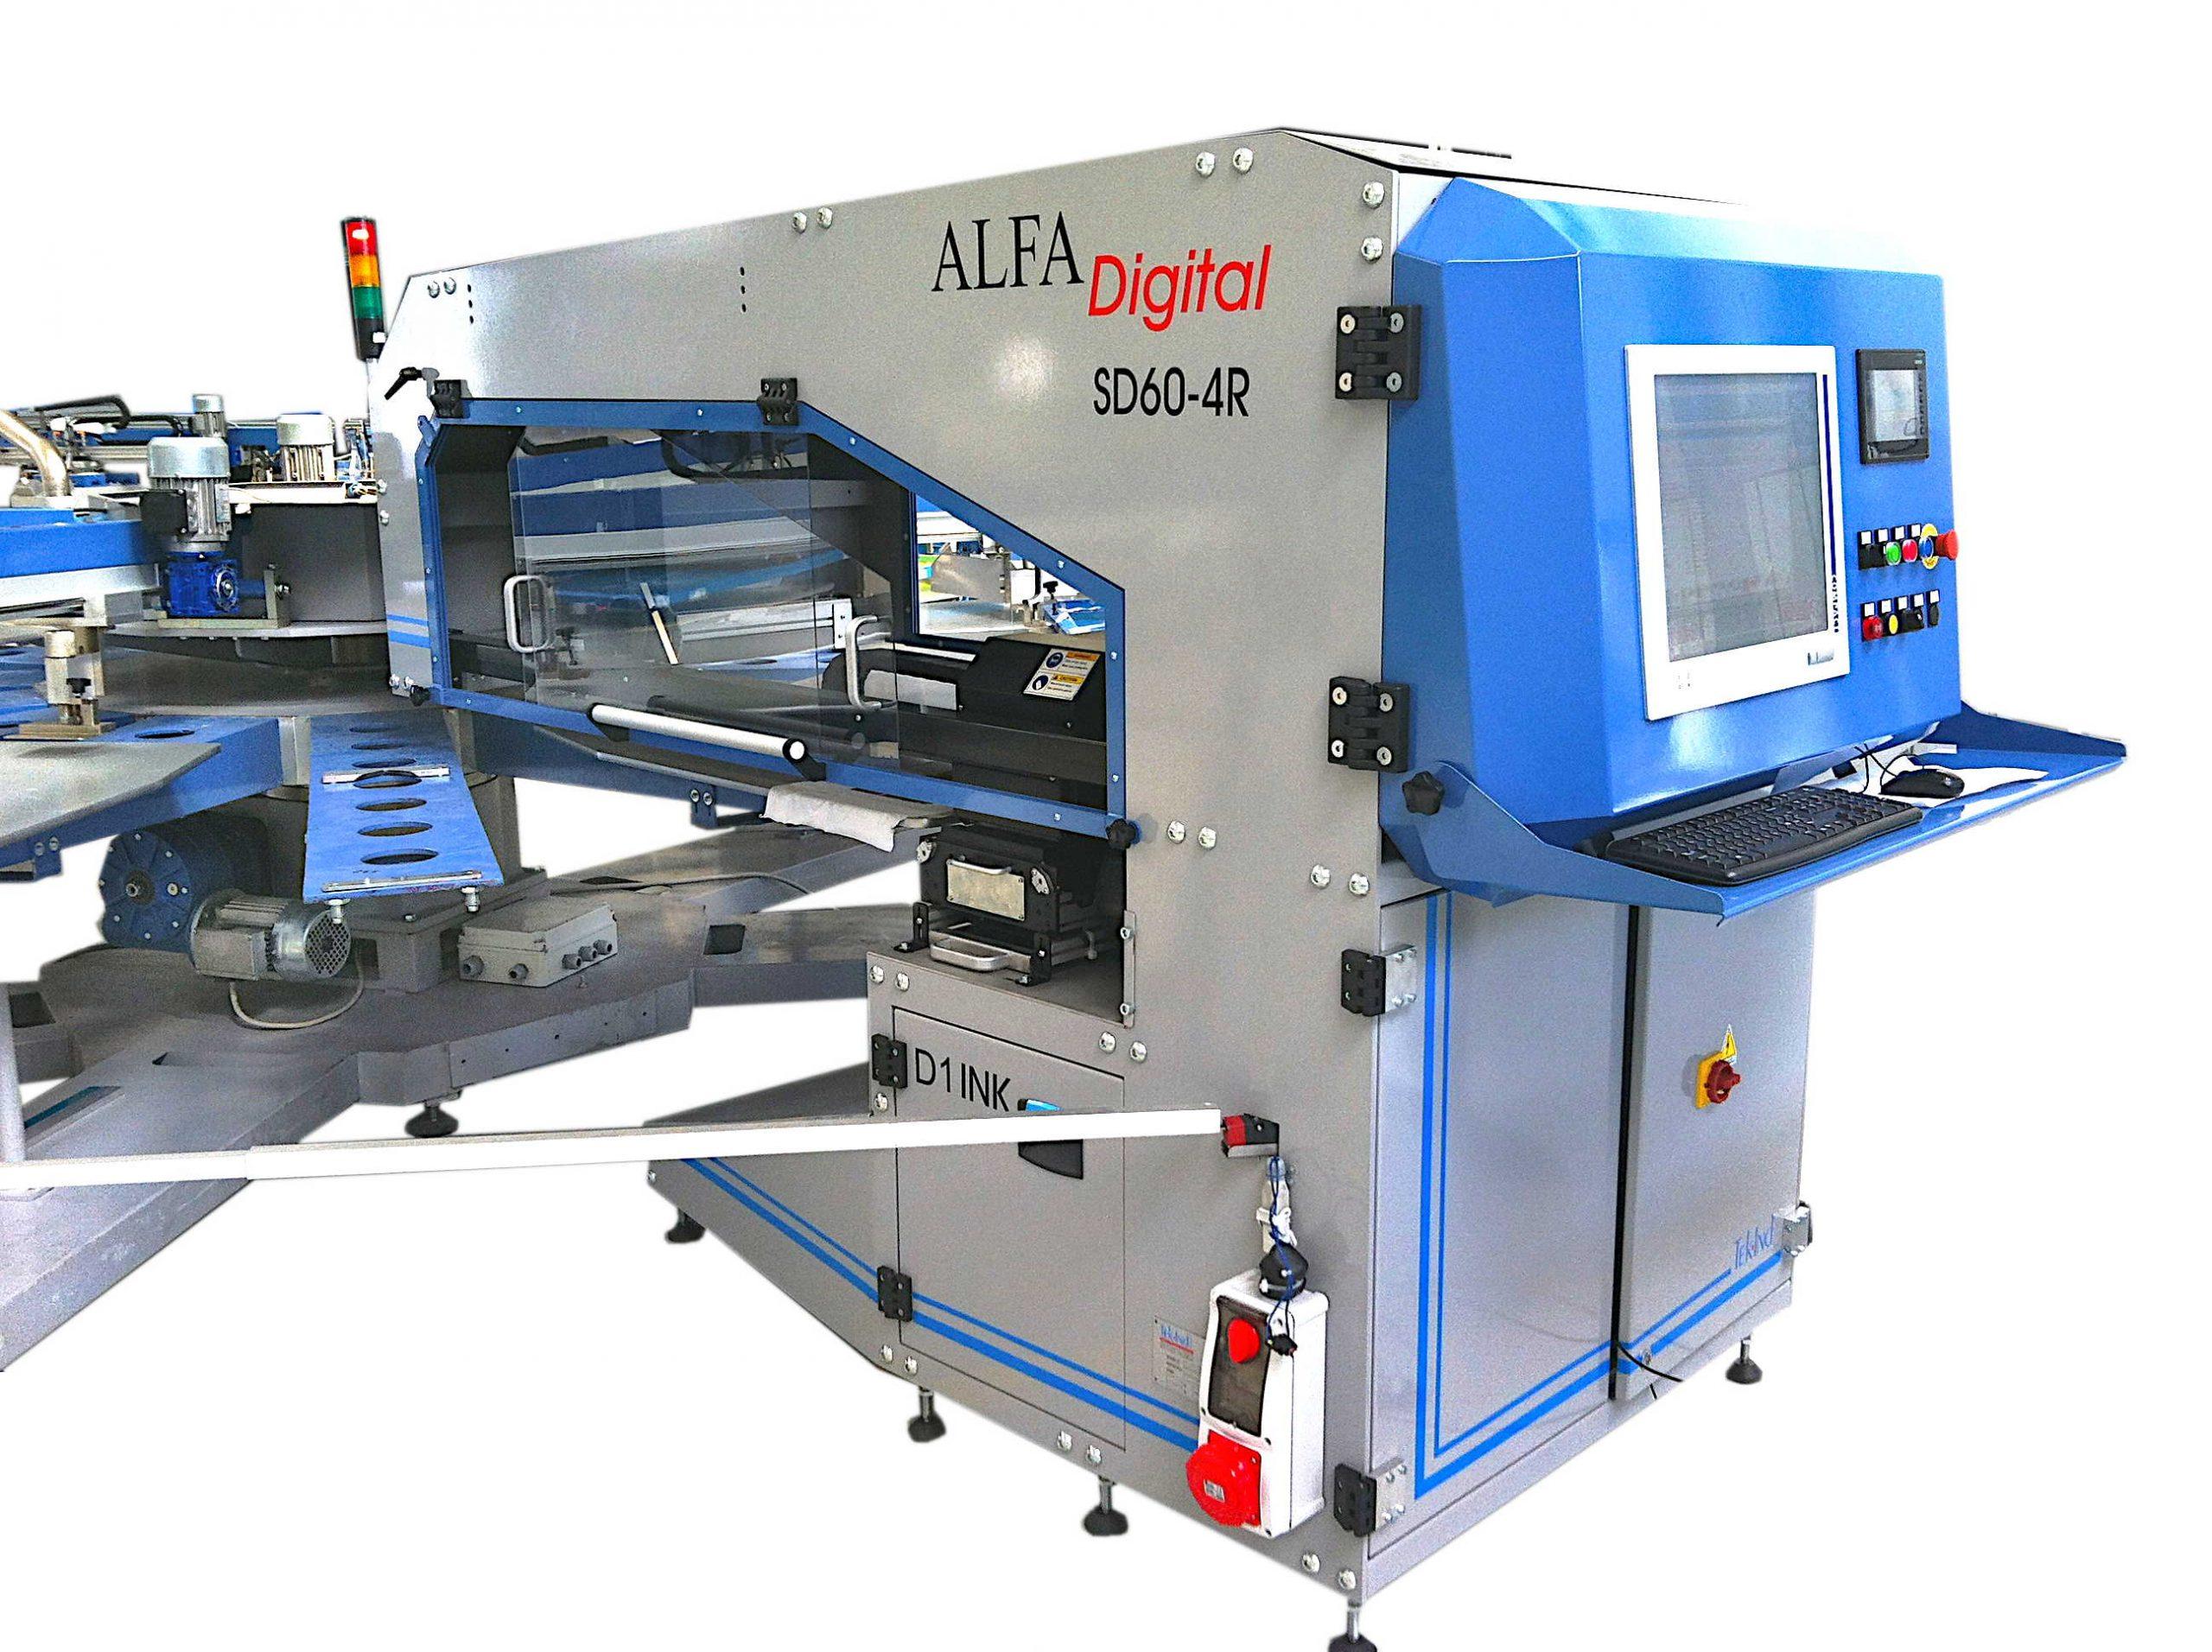 ALFA DIGITAL SD60-4R